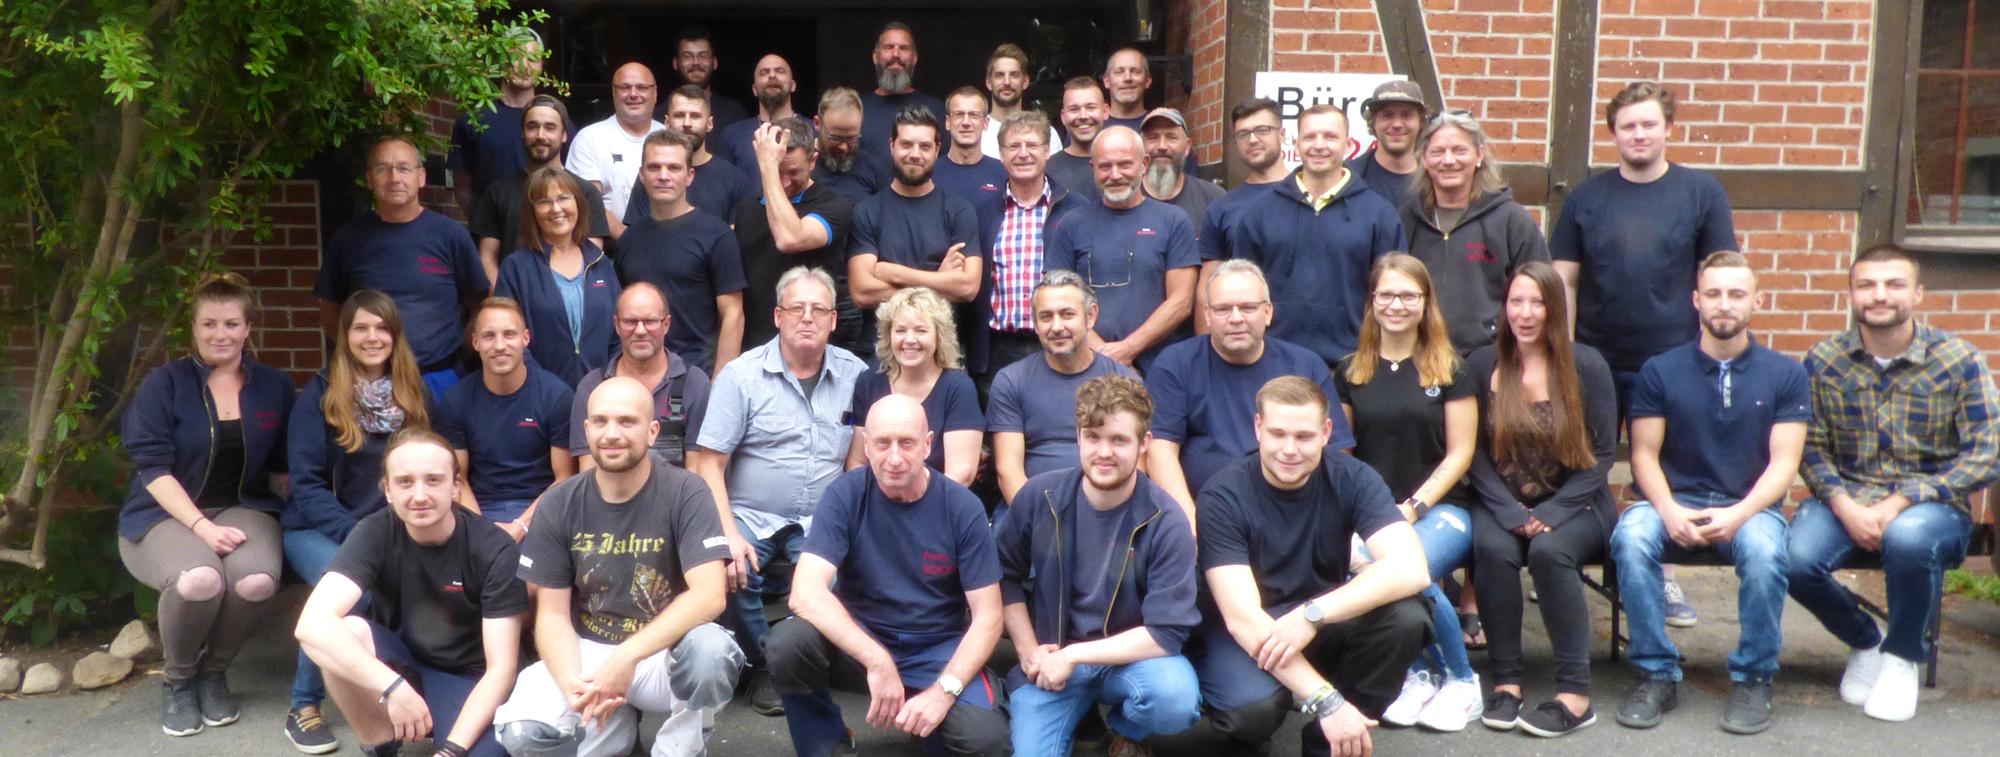 Team von Scholz Sanieungskonzepte GmbH & Co. KG